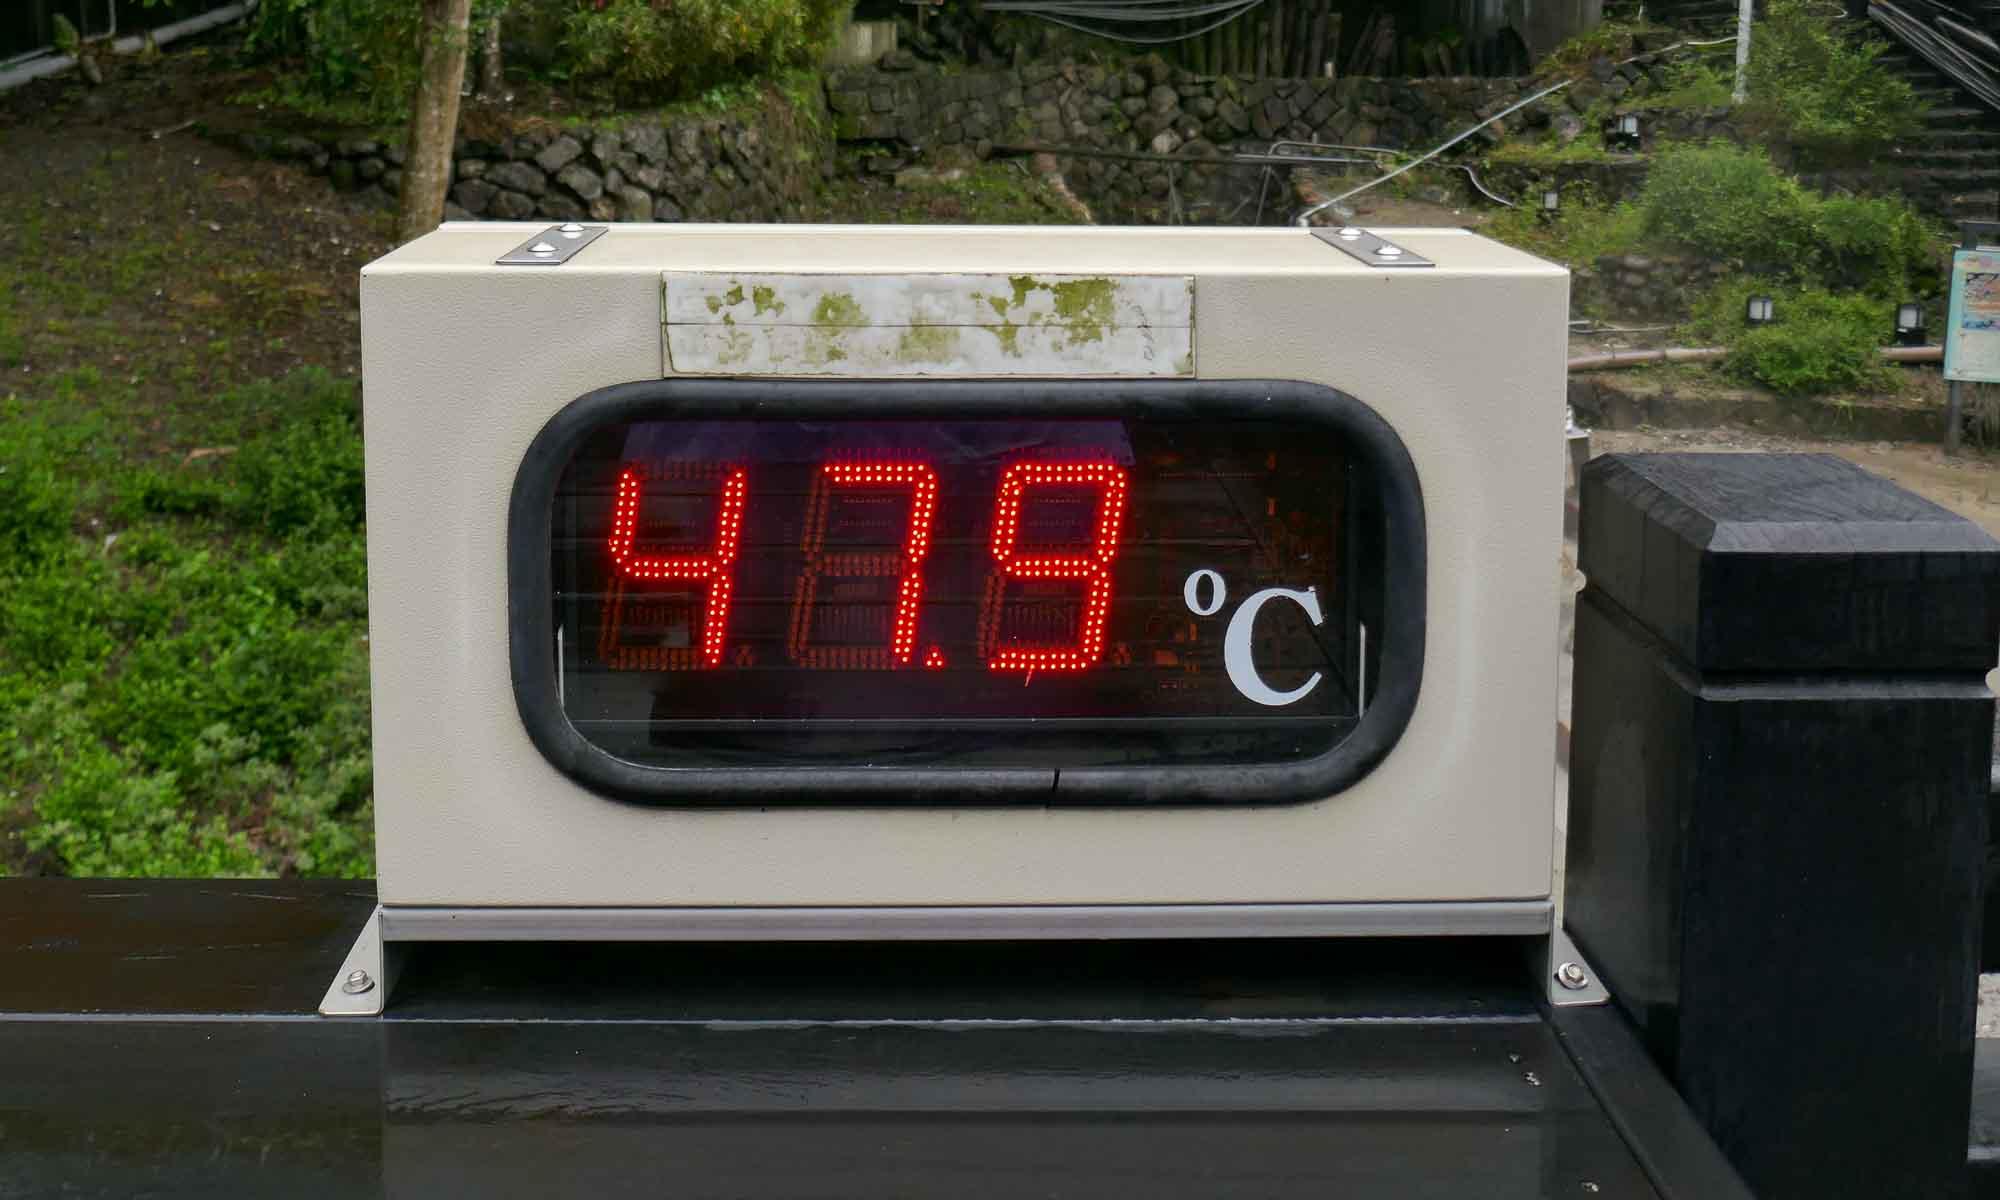 Hot spring temperature